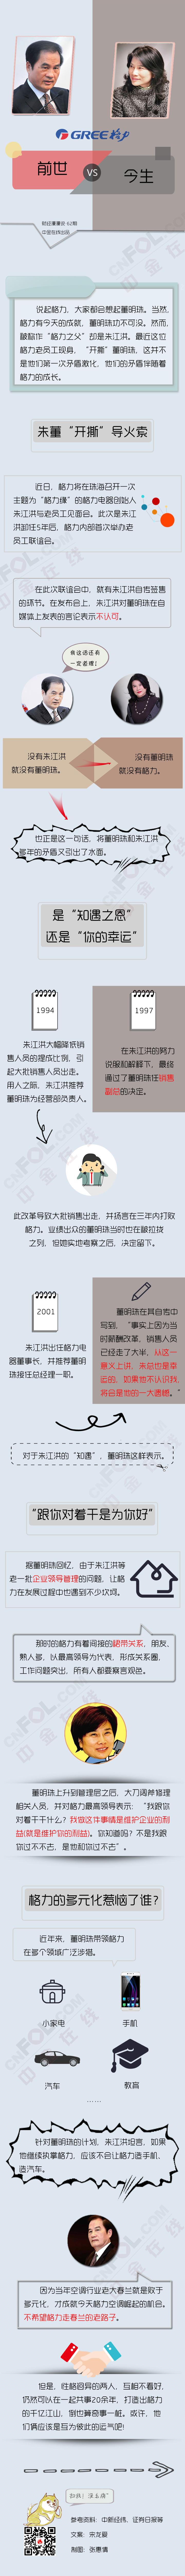 """【财经漫漫说】朱江洪""""开撕""""董明珠  看格力的前世今生"""